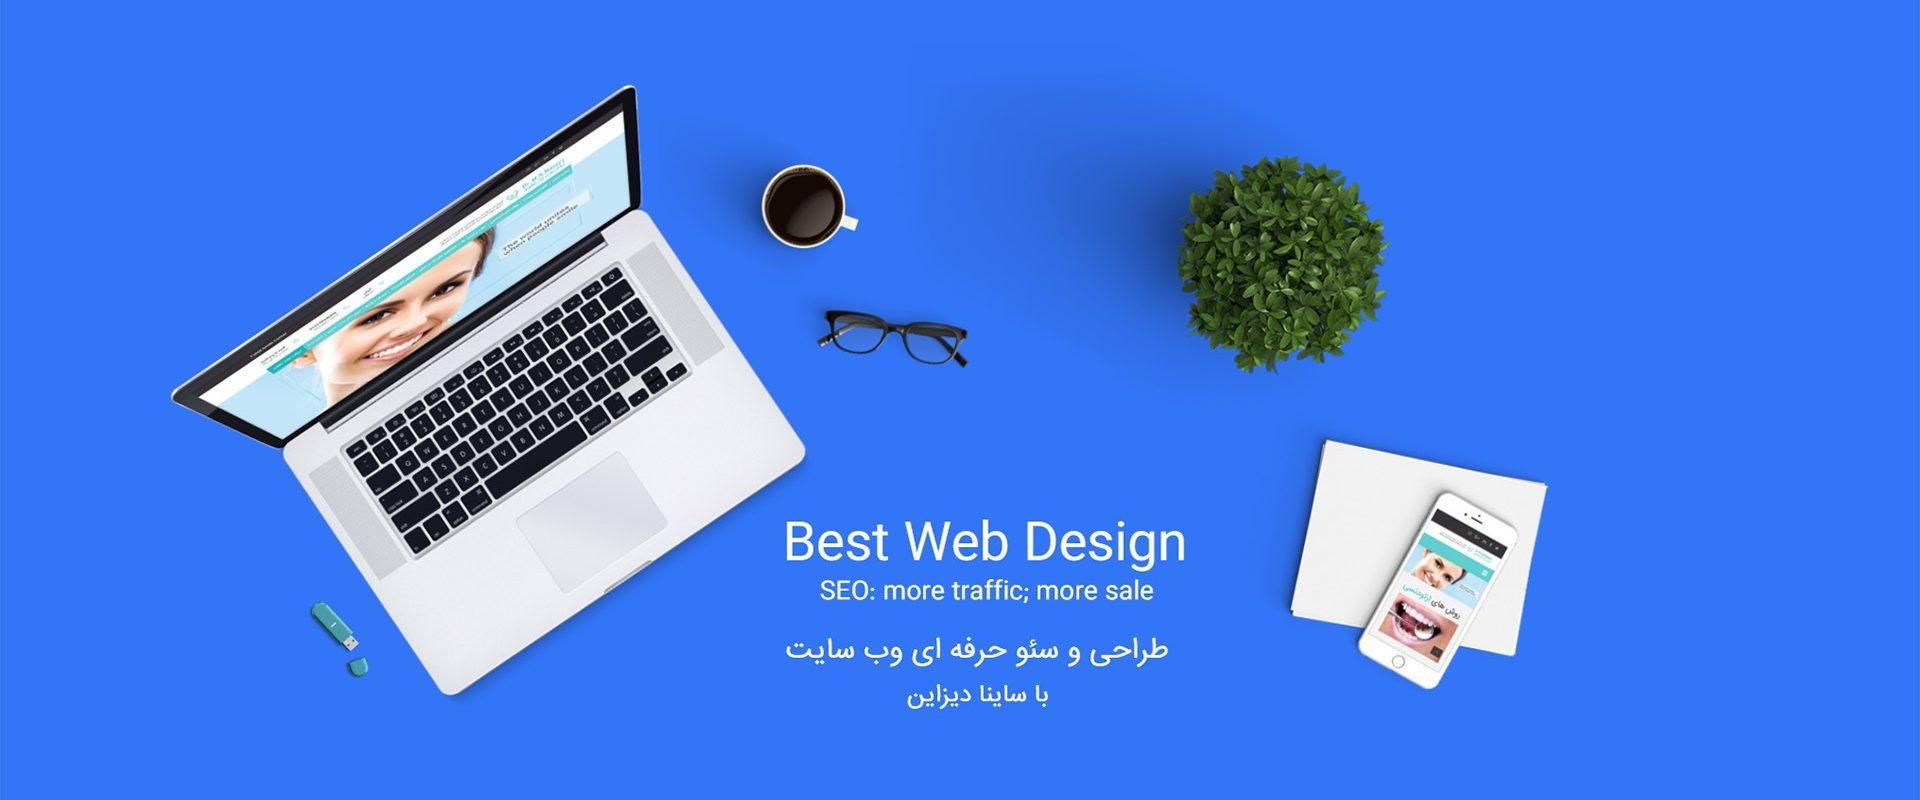 ساینا دیزاین طراحی وب سایت و سئو حرفه ای وب سایت و تیزر تبلیغاتی